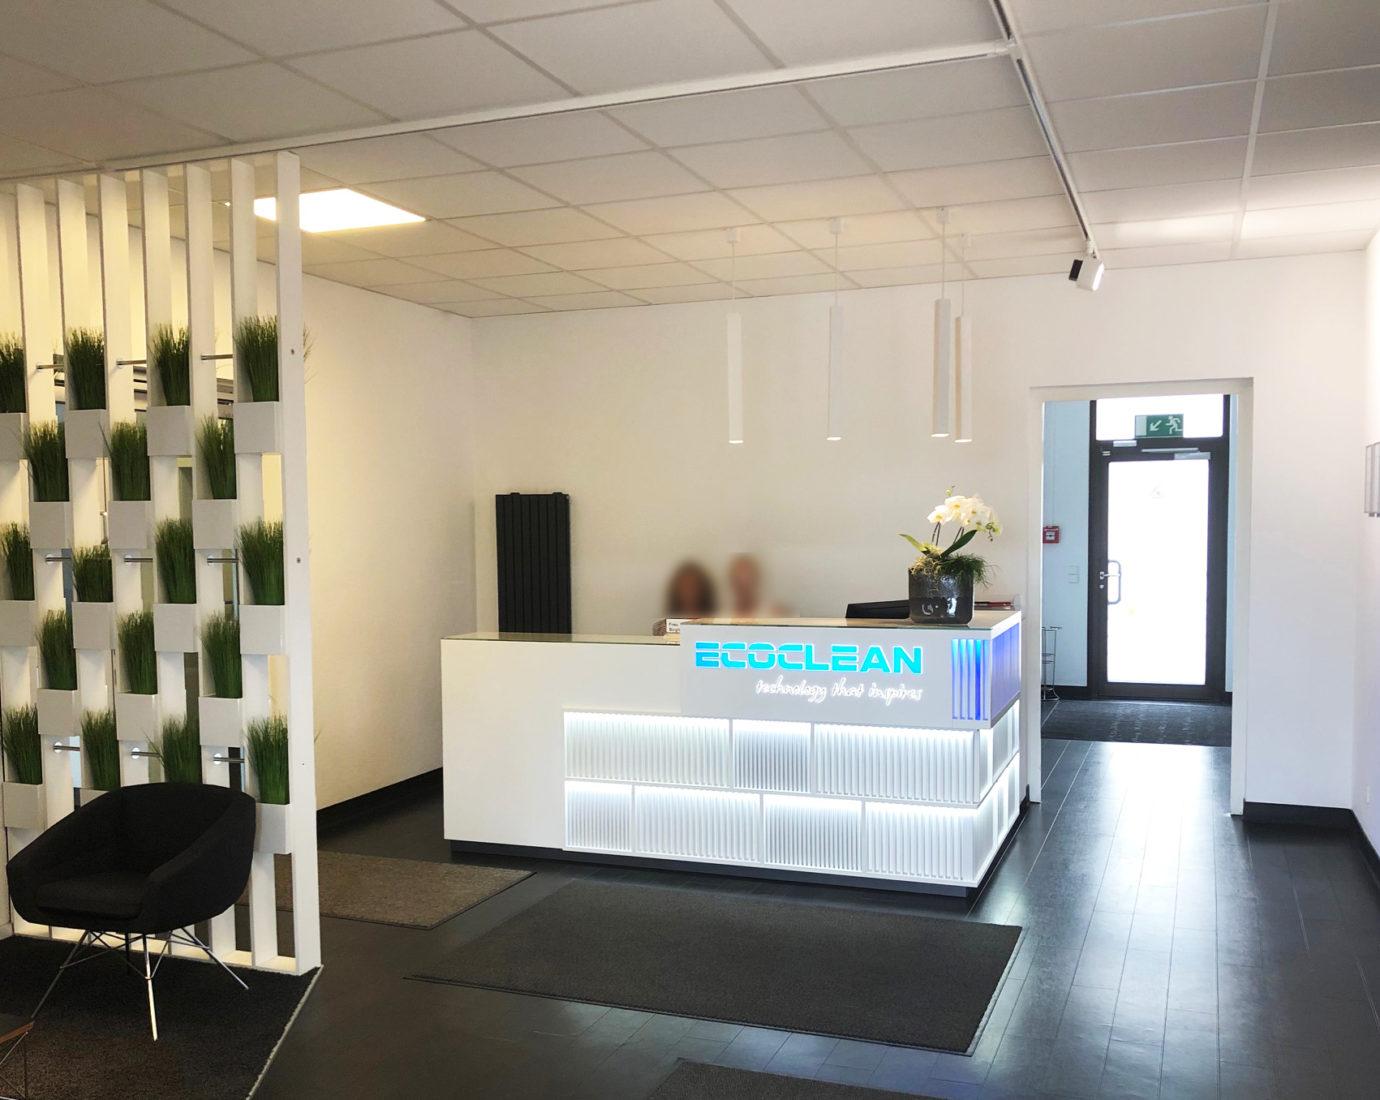 Ecoclean Eingangsbereich für eine ideale Markenpräsentation